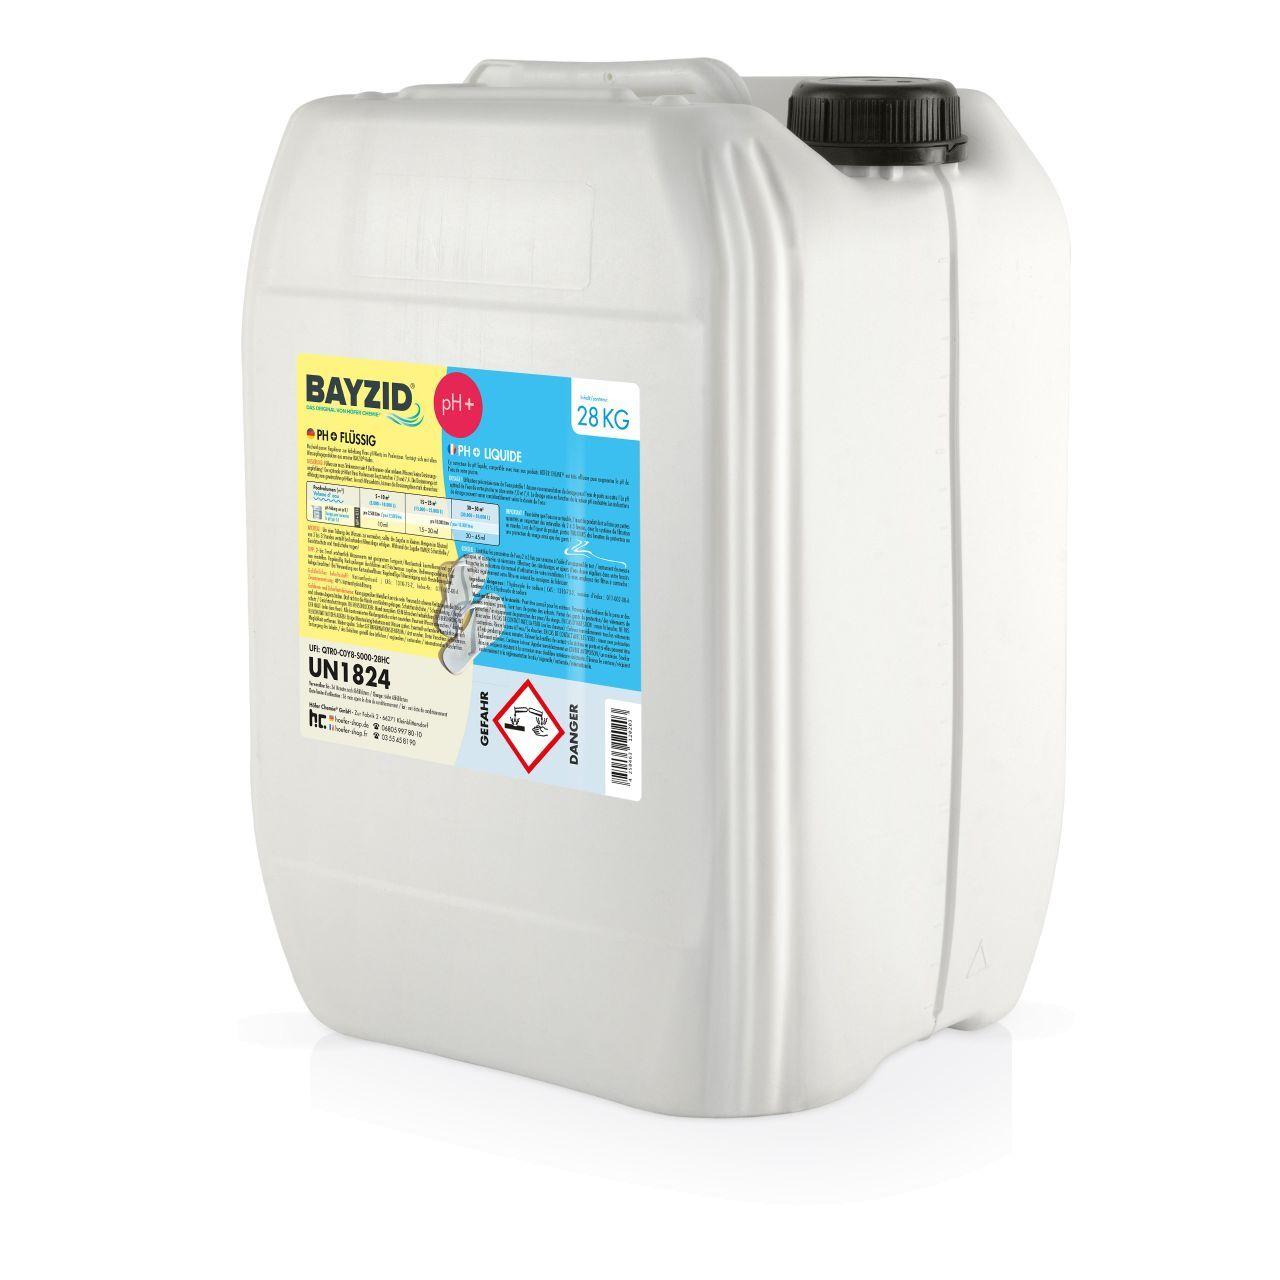 BAYZID 28 kg Bayzid® pH plus liquide (1 x 28 kg)